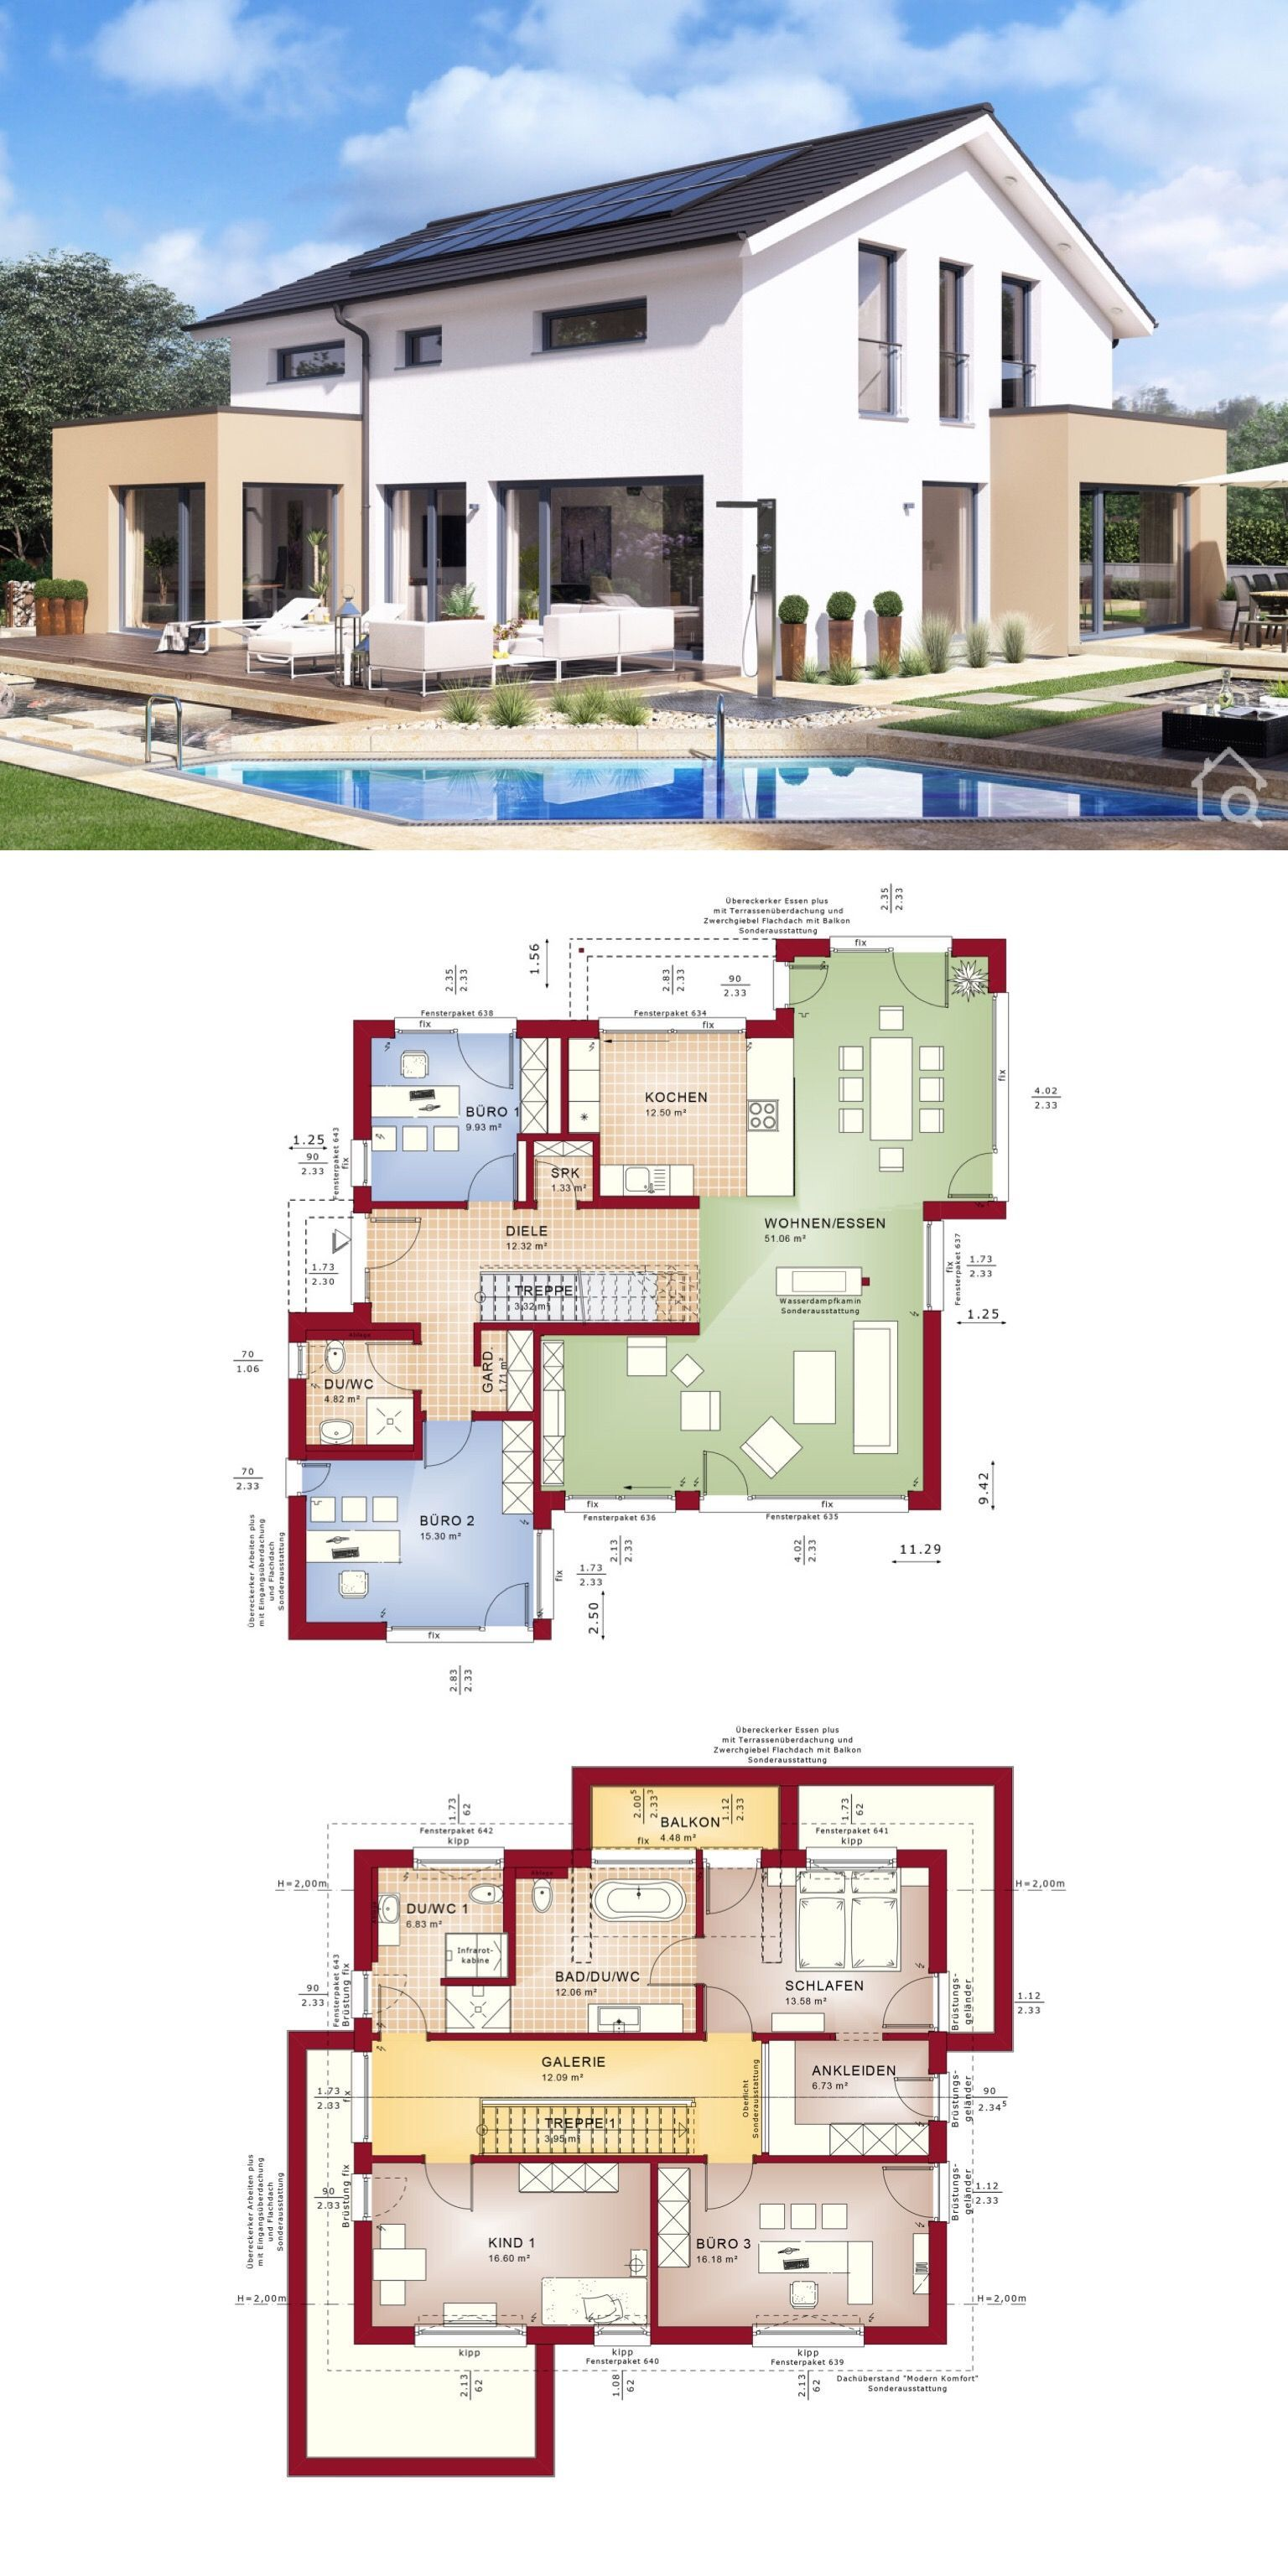 Einfamilienhaus Modern Mit Satteldach Bauen Haus Ideen Mit Grundriss Haus Grundriss Grundriss Einfamilienhaus Haus Design